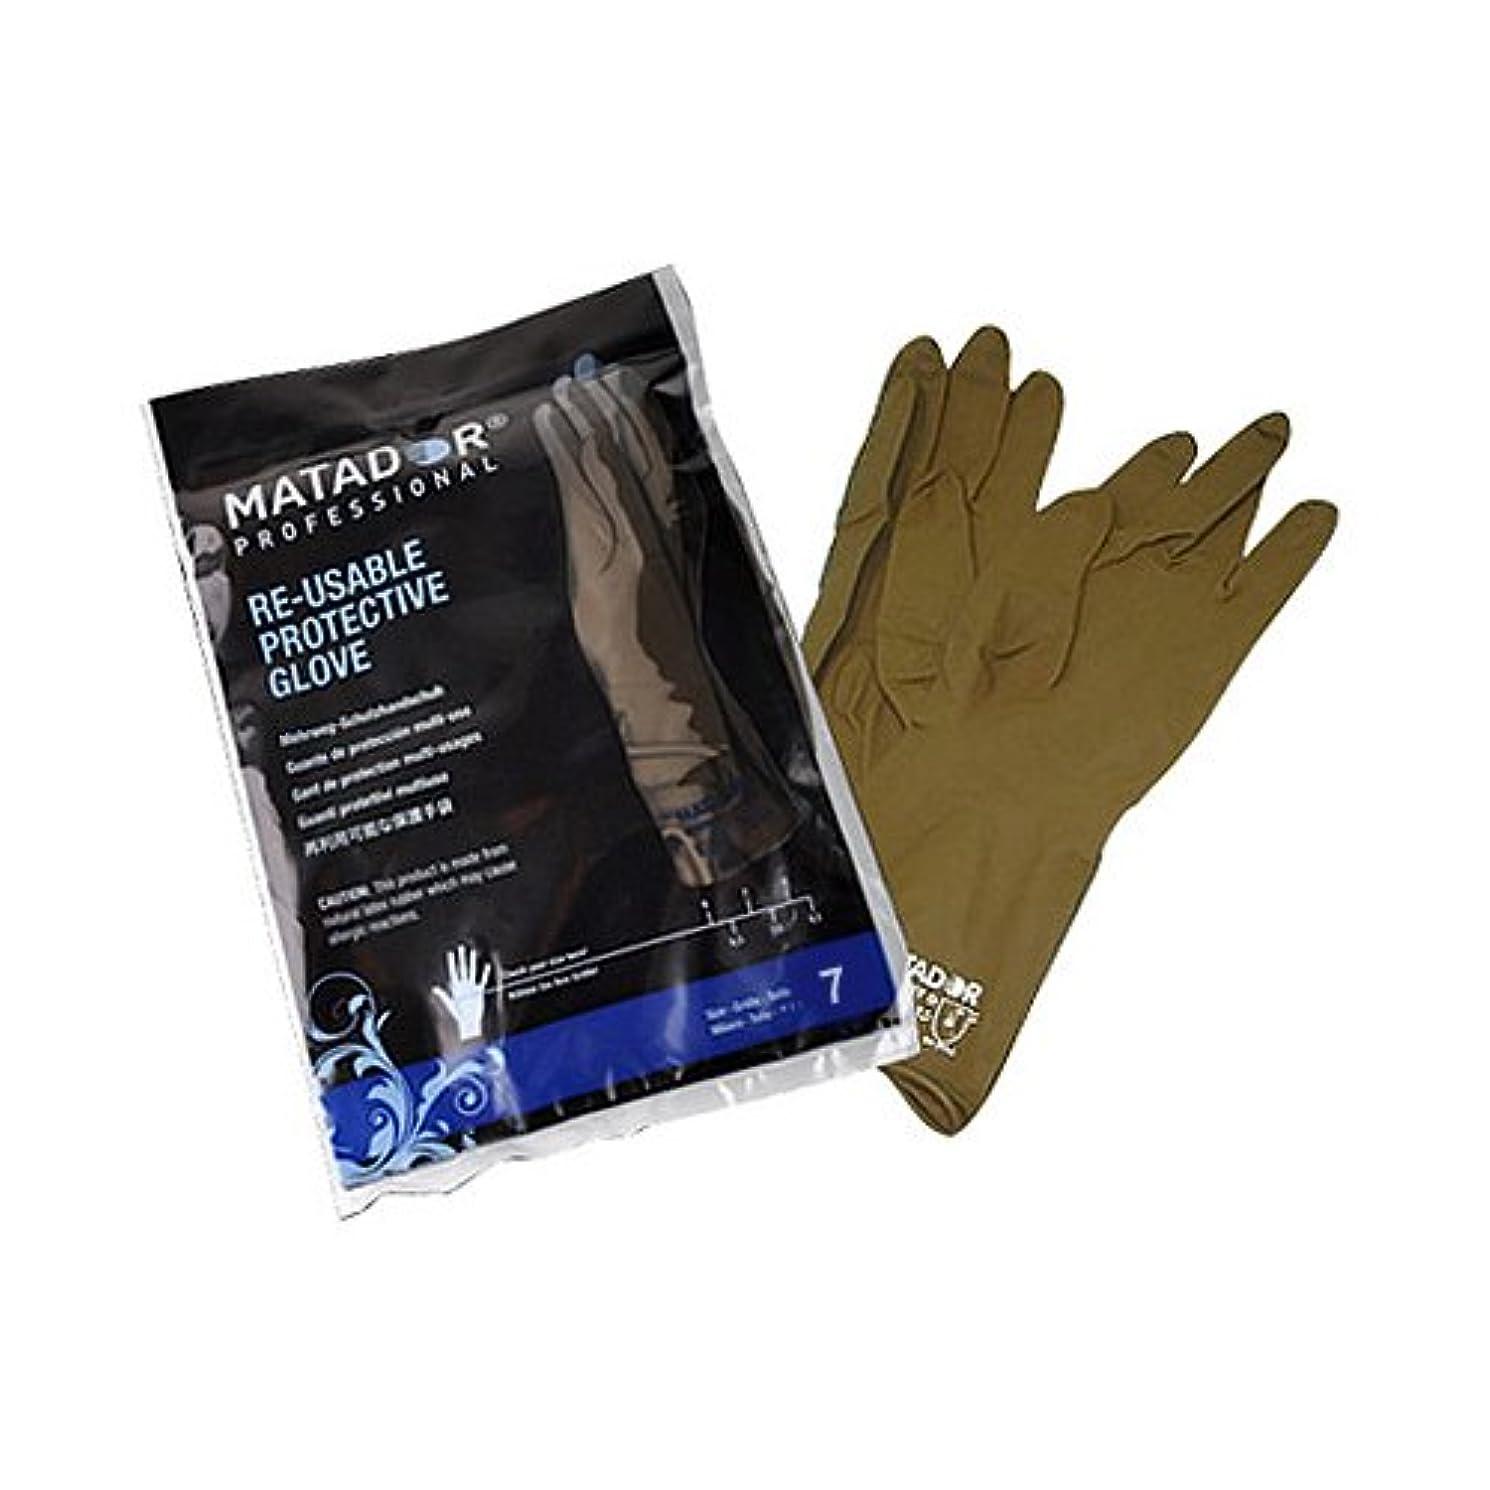 世界の窓サーキットに行く解凍する、雪解け、霜解けマタドールゴム手袋 7.0吋 【5個セット】